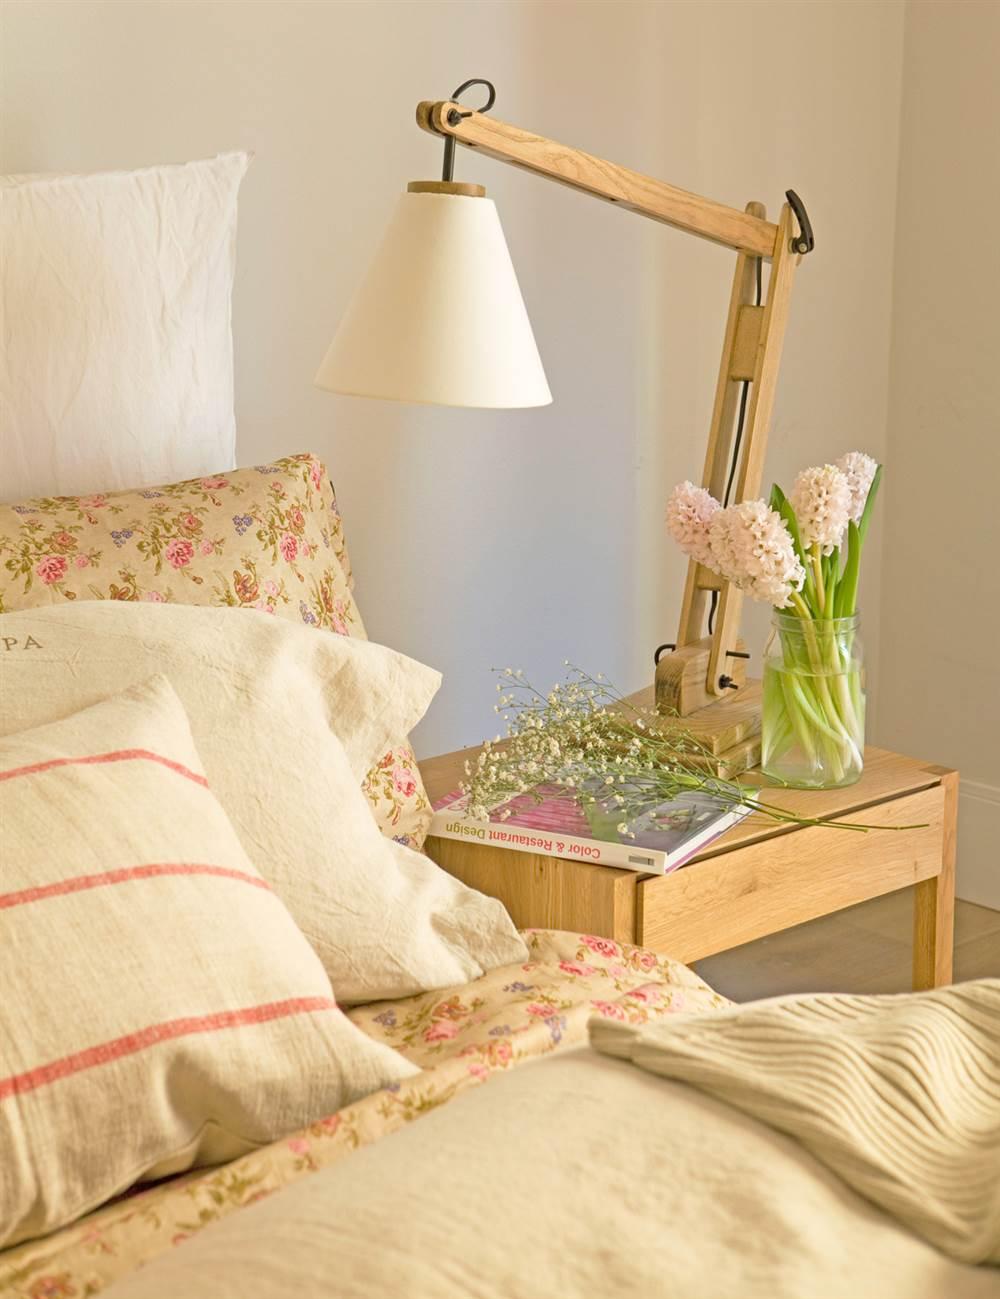 Lamparas para leer en la cama gallery of aplique de pared - Lamparas lectura cama ...